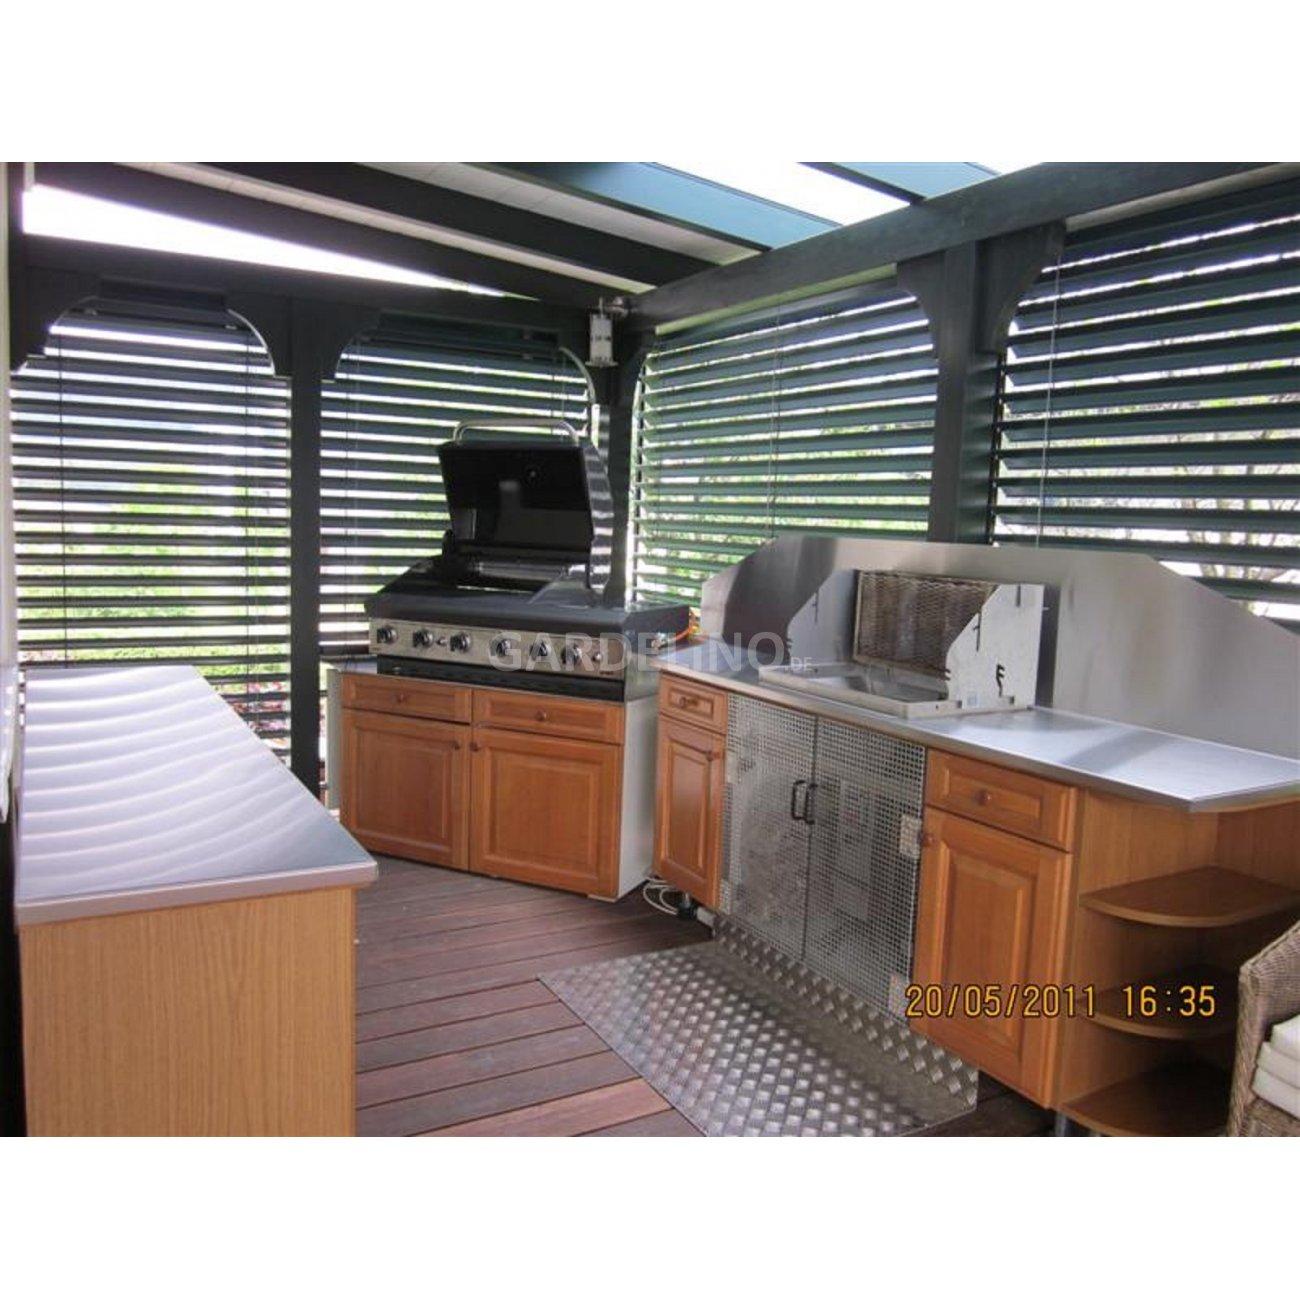 gartenk che swalif. Black Bedroom Furniture Sets. Home Design Ideas